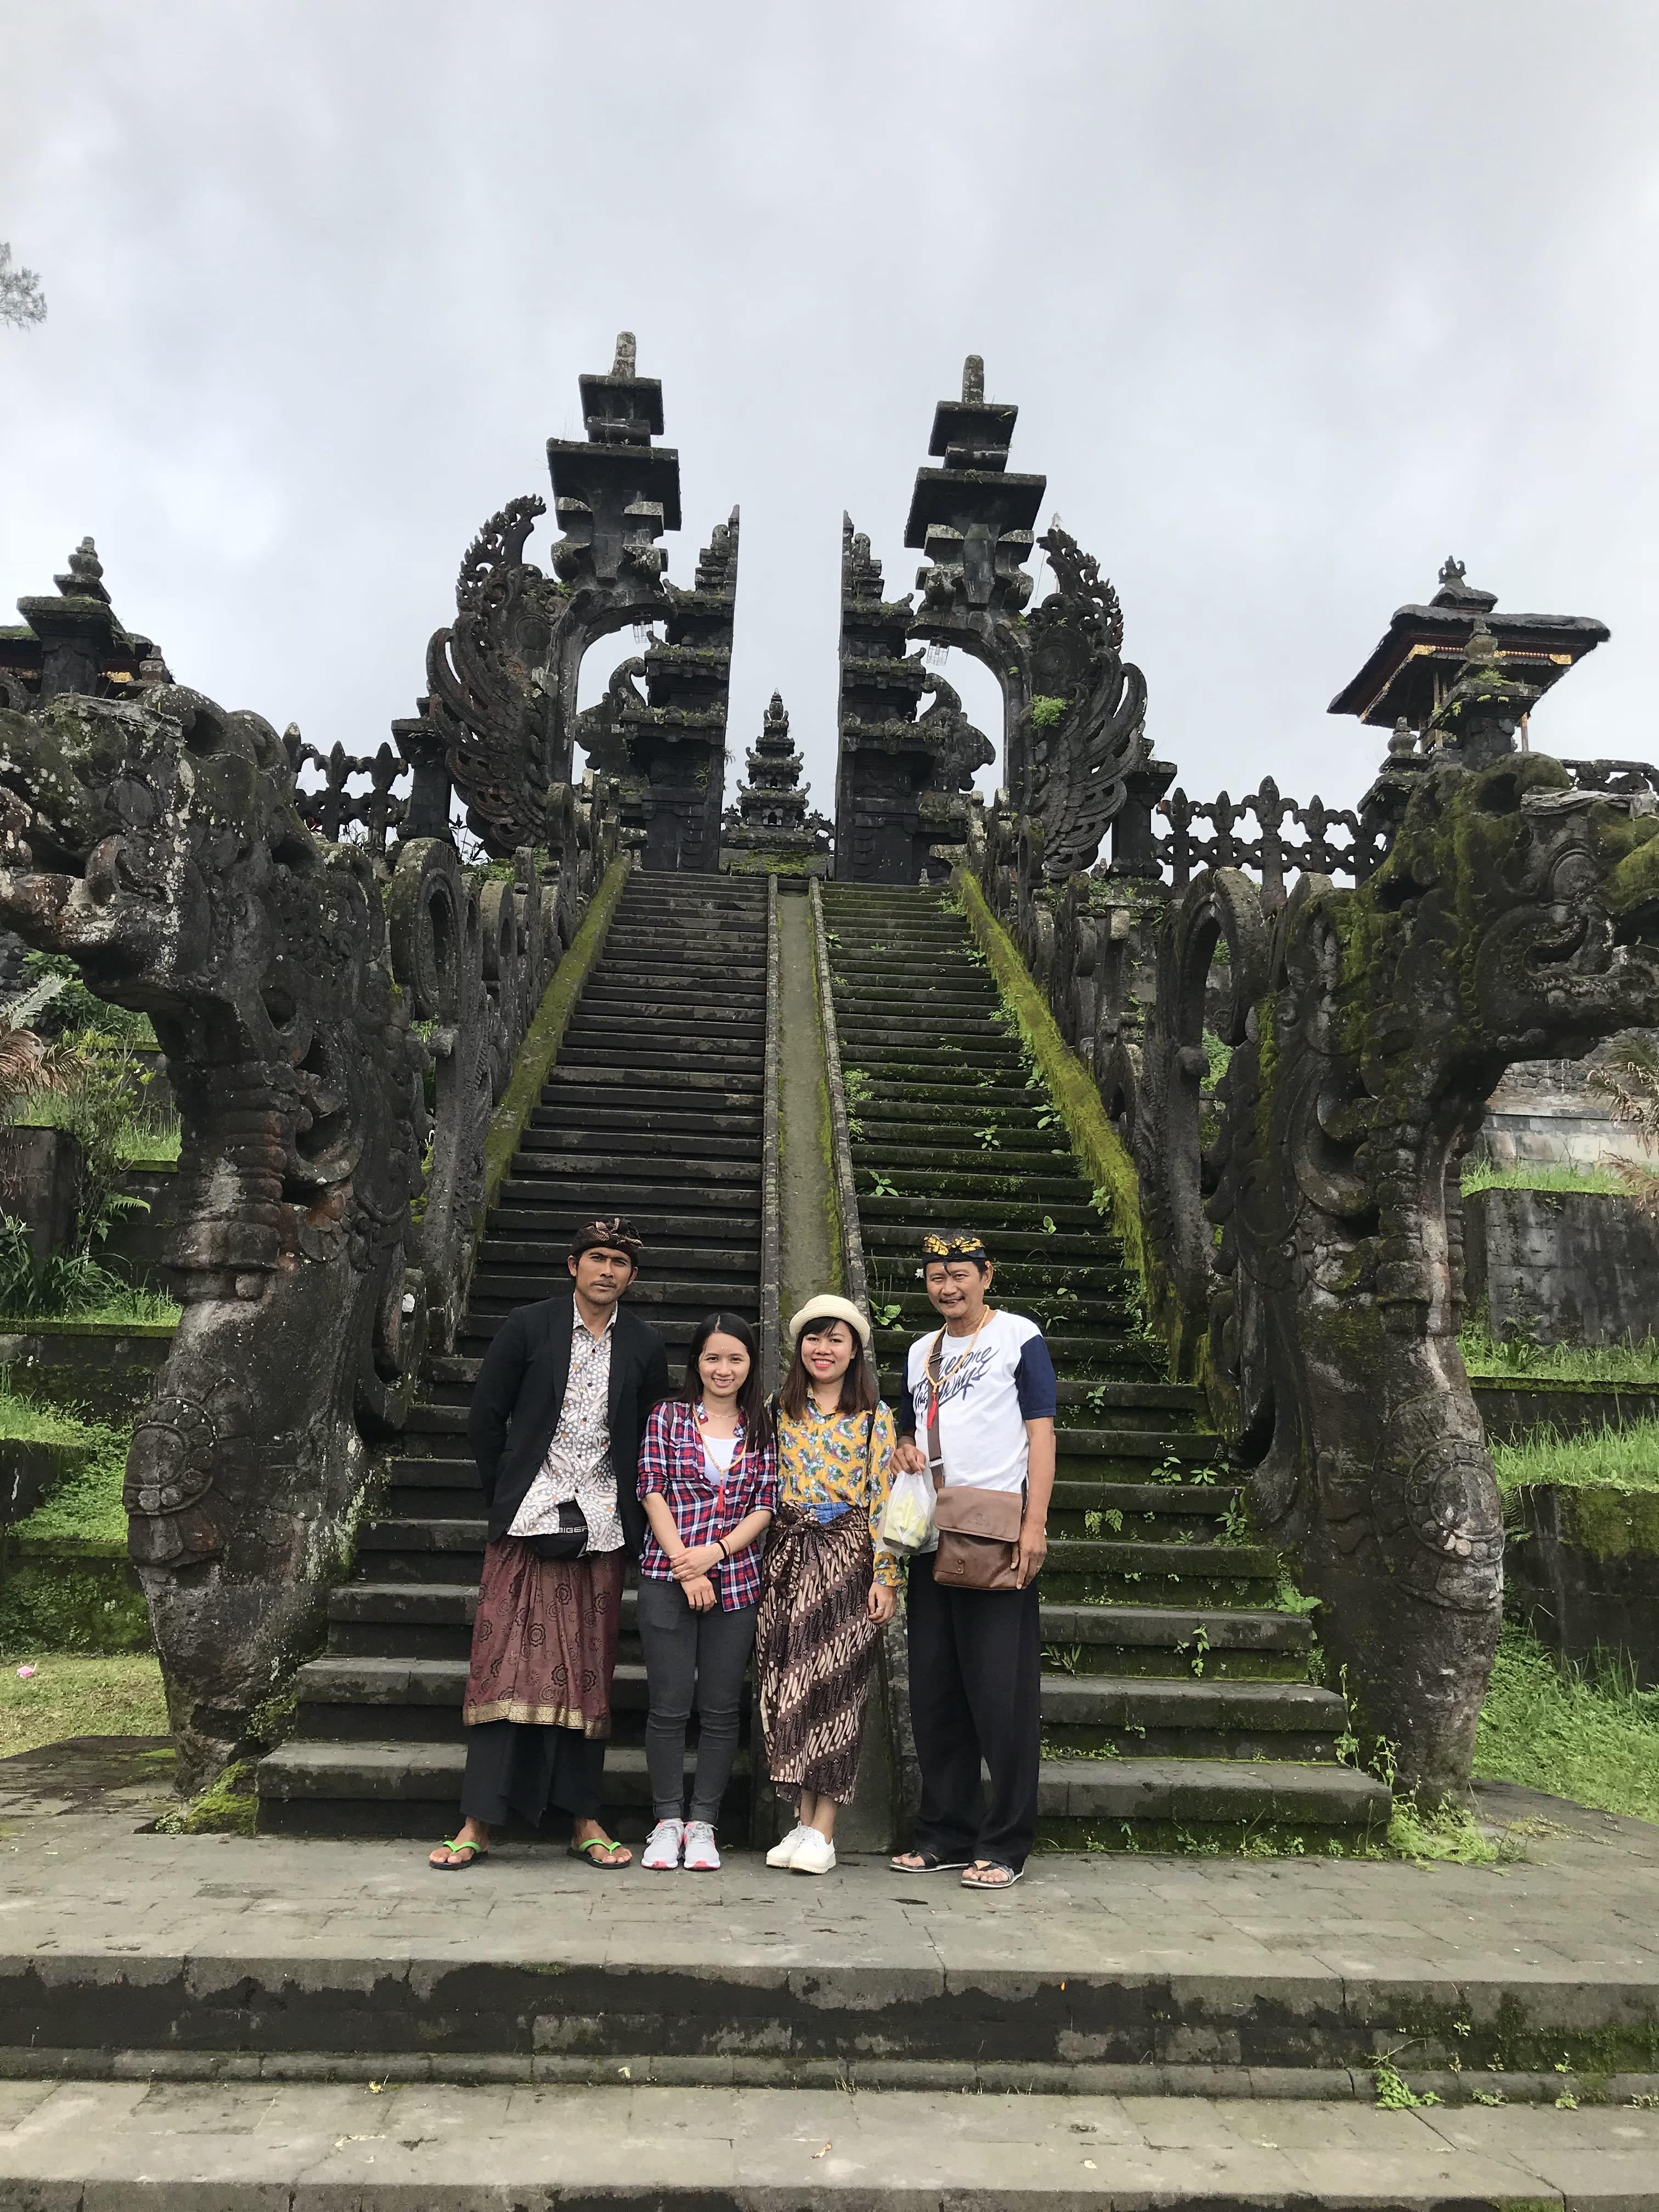 đền thờ mẹ ở bali